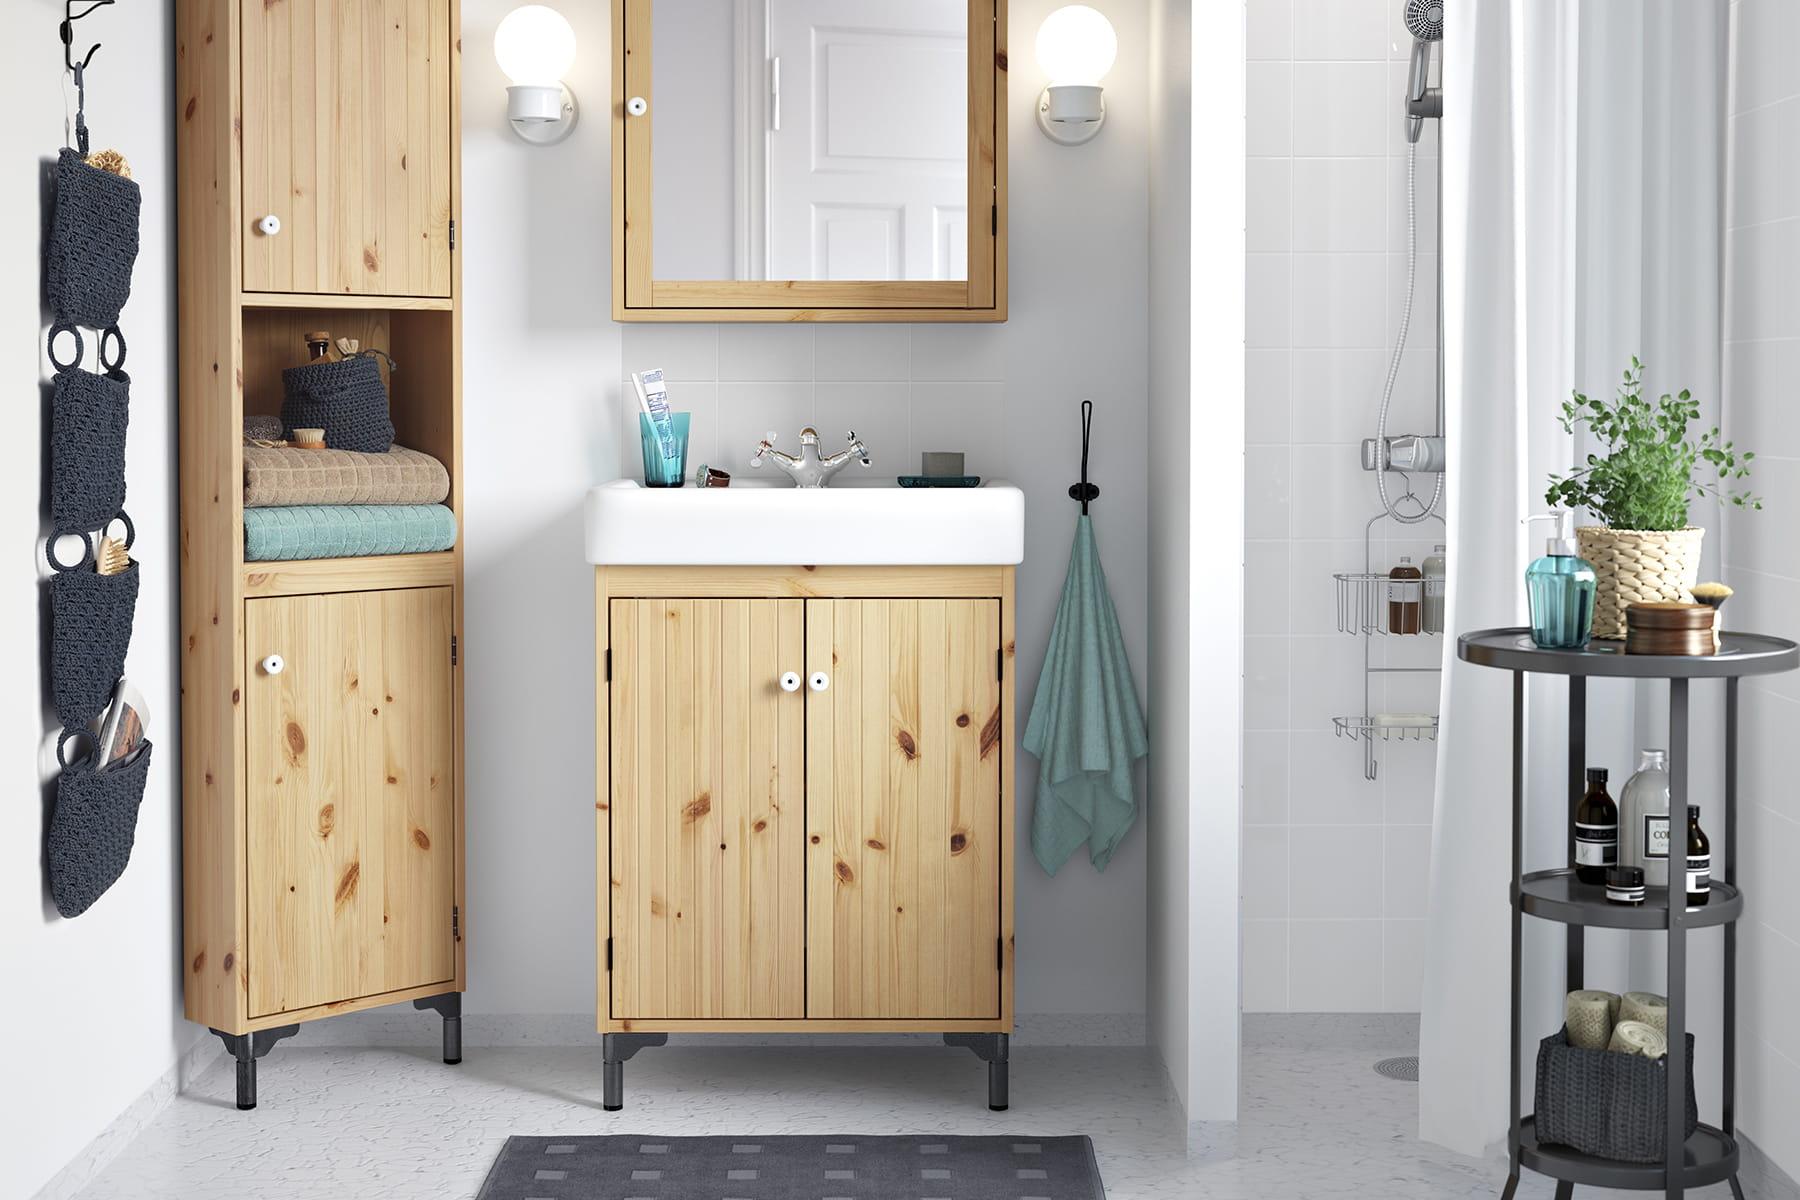 des accessoires pour salle de bains. Black Bedroom Furniture Sets. Home Design Ideas